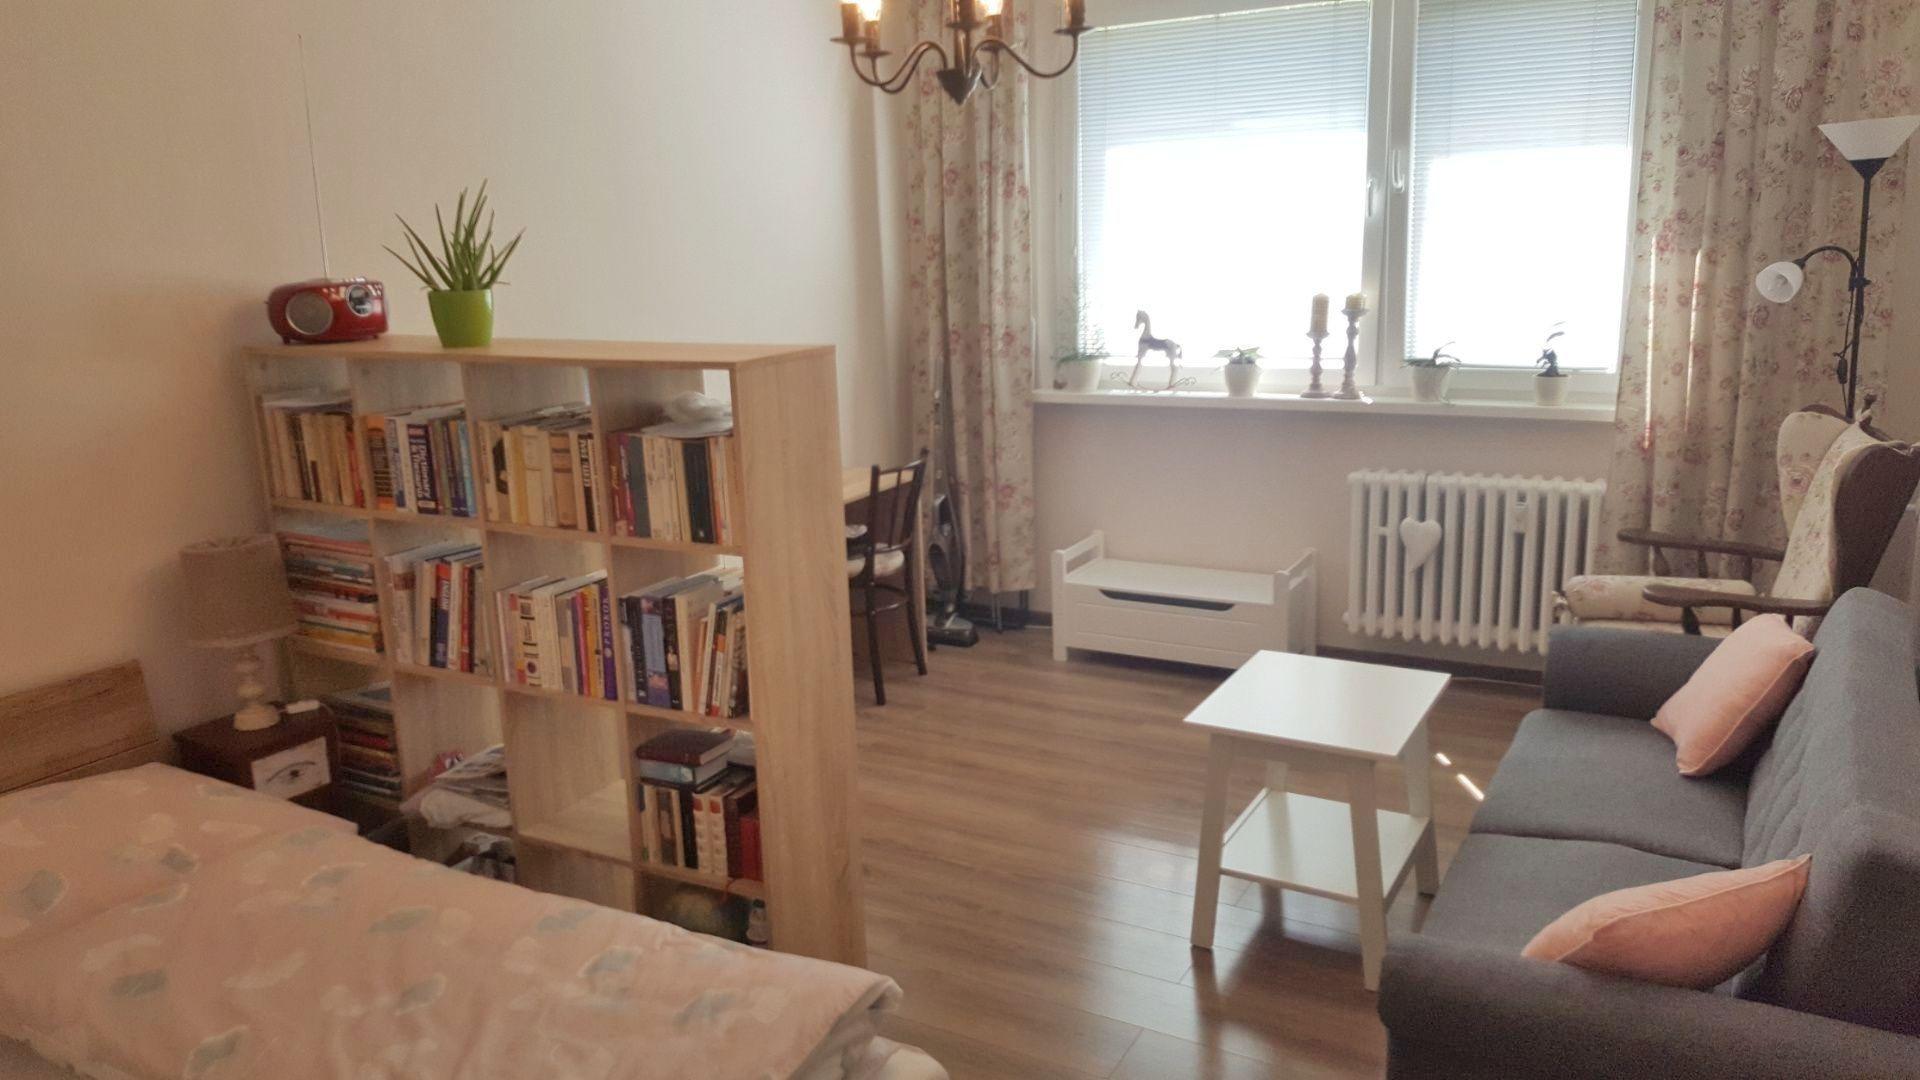 1-izbový byt-Predaj-Bratislava - mestská časť Dúbravka-109990.00 €